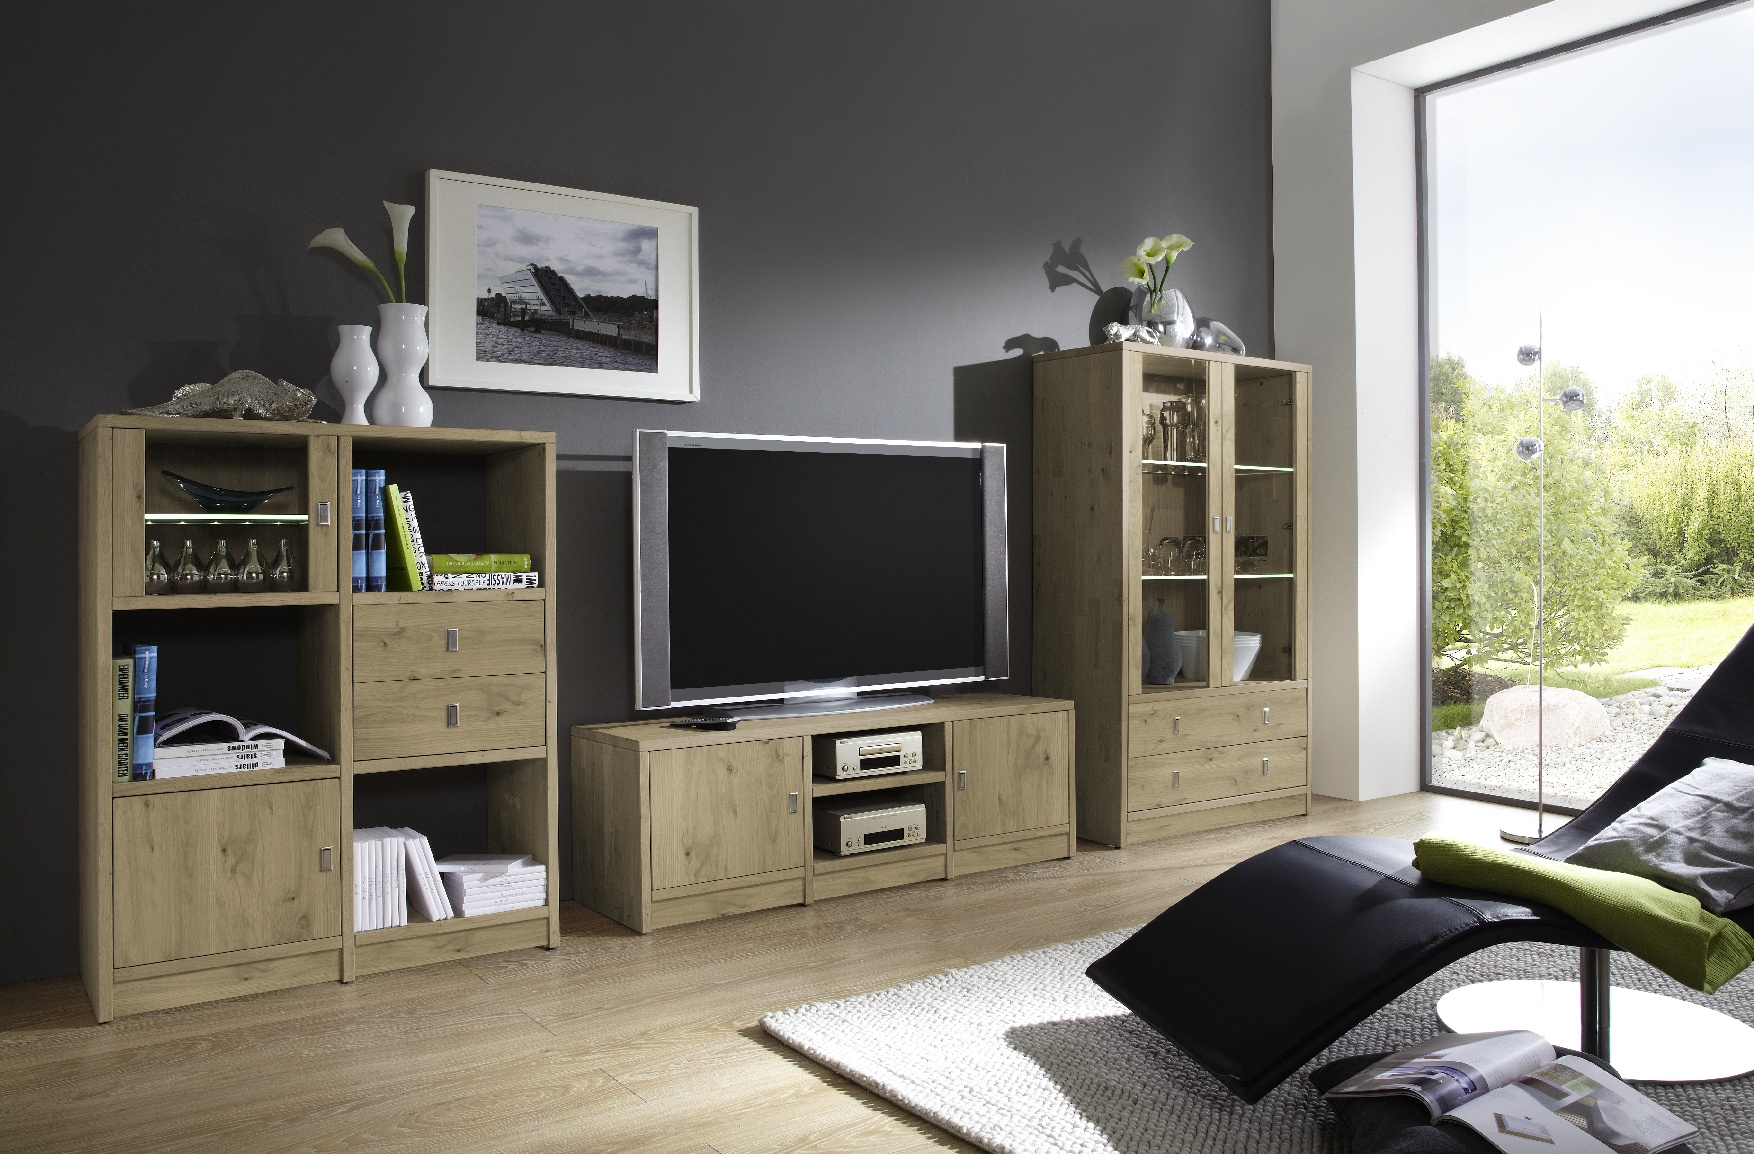 wohnwand mix it massives wohnen schulte. Black Bedroom Furniture Sets. Home Design Ideas